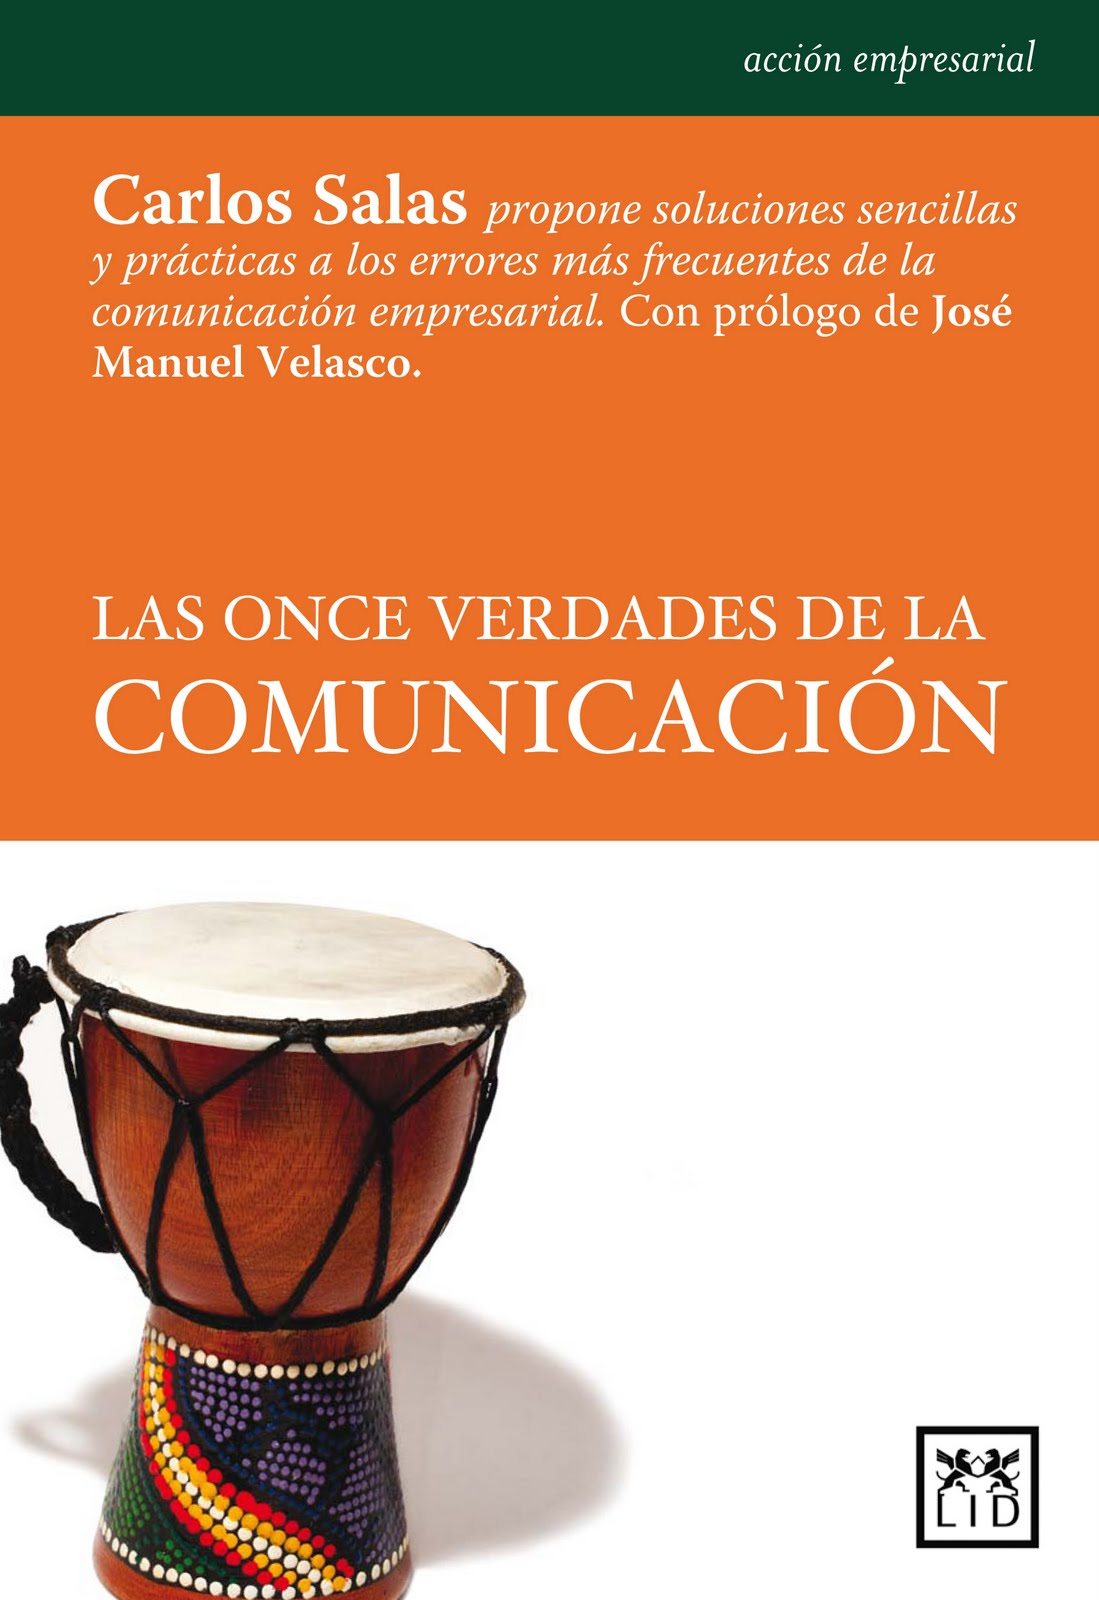 Las 11 verdades de la comunicación